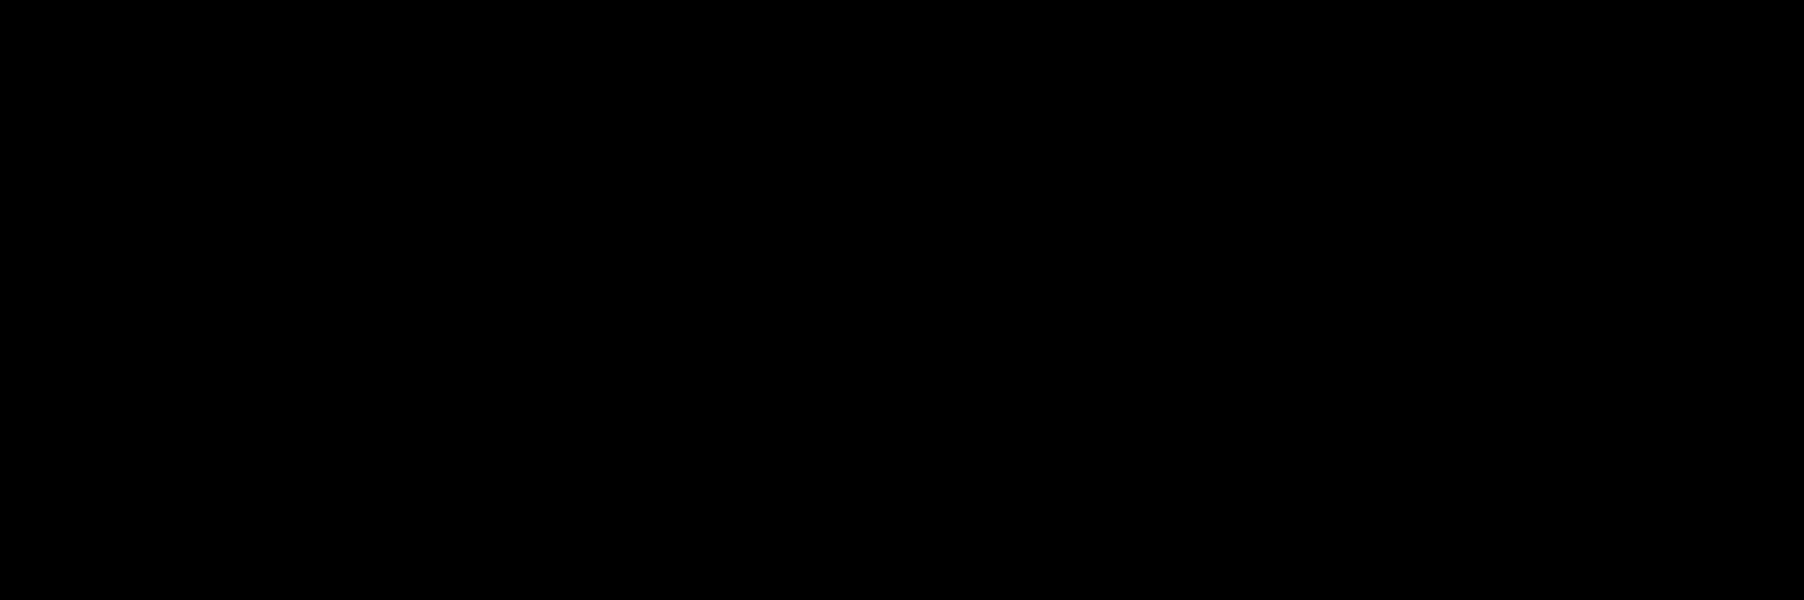 Symbole 60 Grad Schonwaschgang, kein Trockner, Warm bügeln